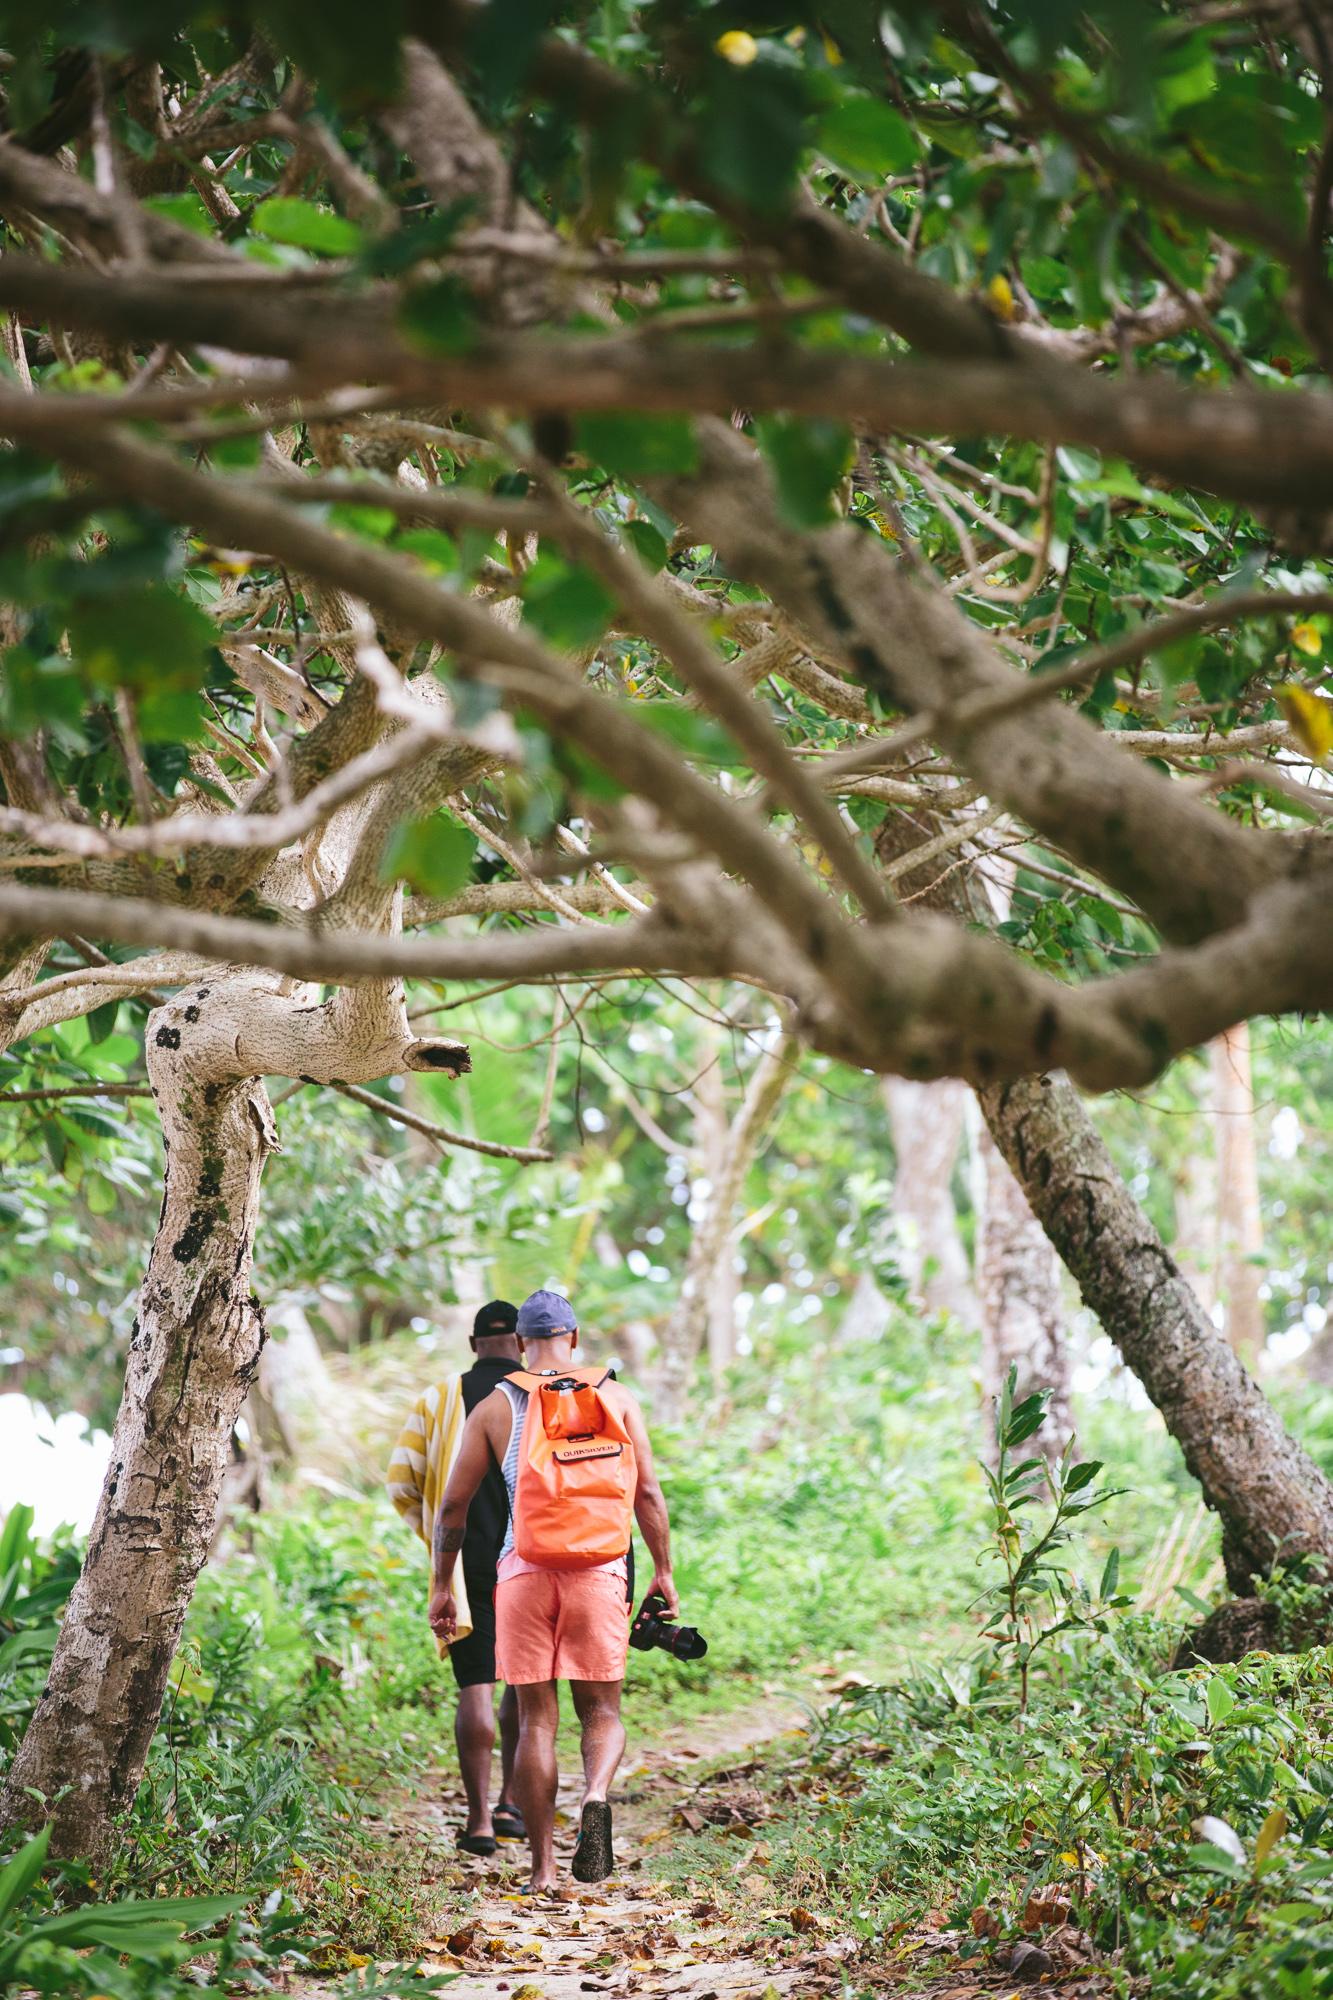 Hiking - Lavena Coastal Walk - Taveuni - The Remote Resort, Fiji Islands - Waterfalls